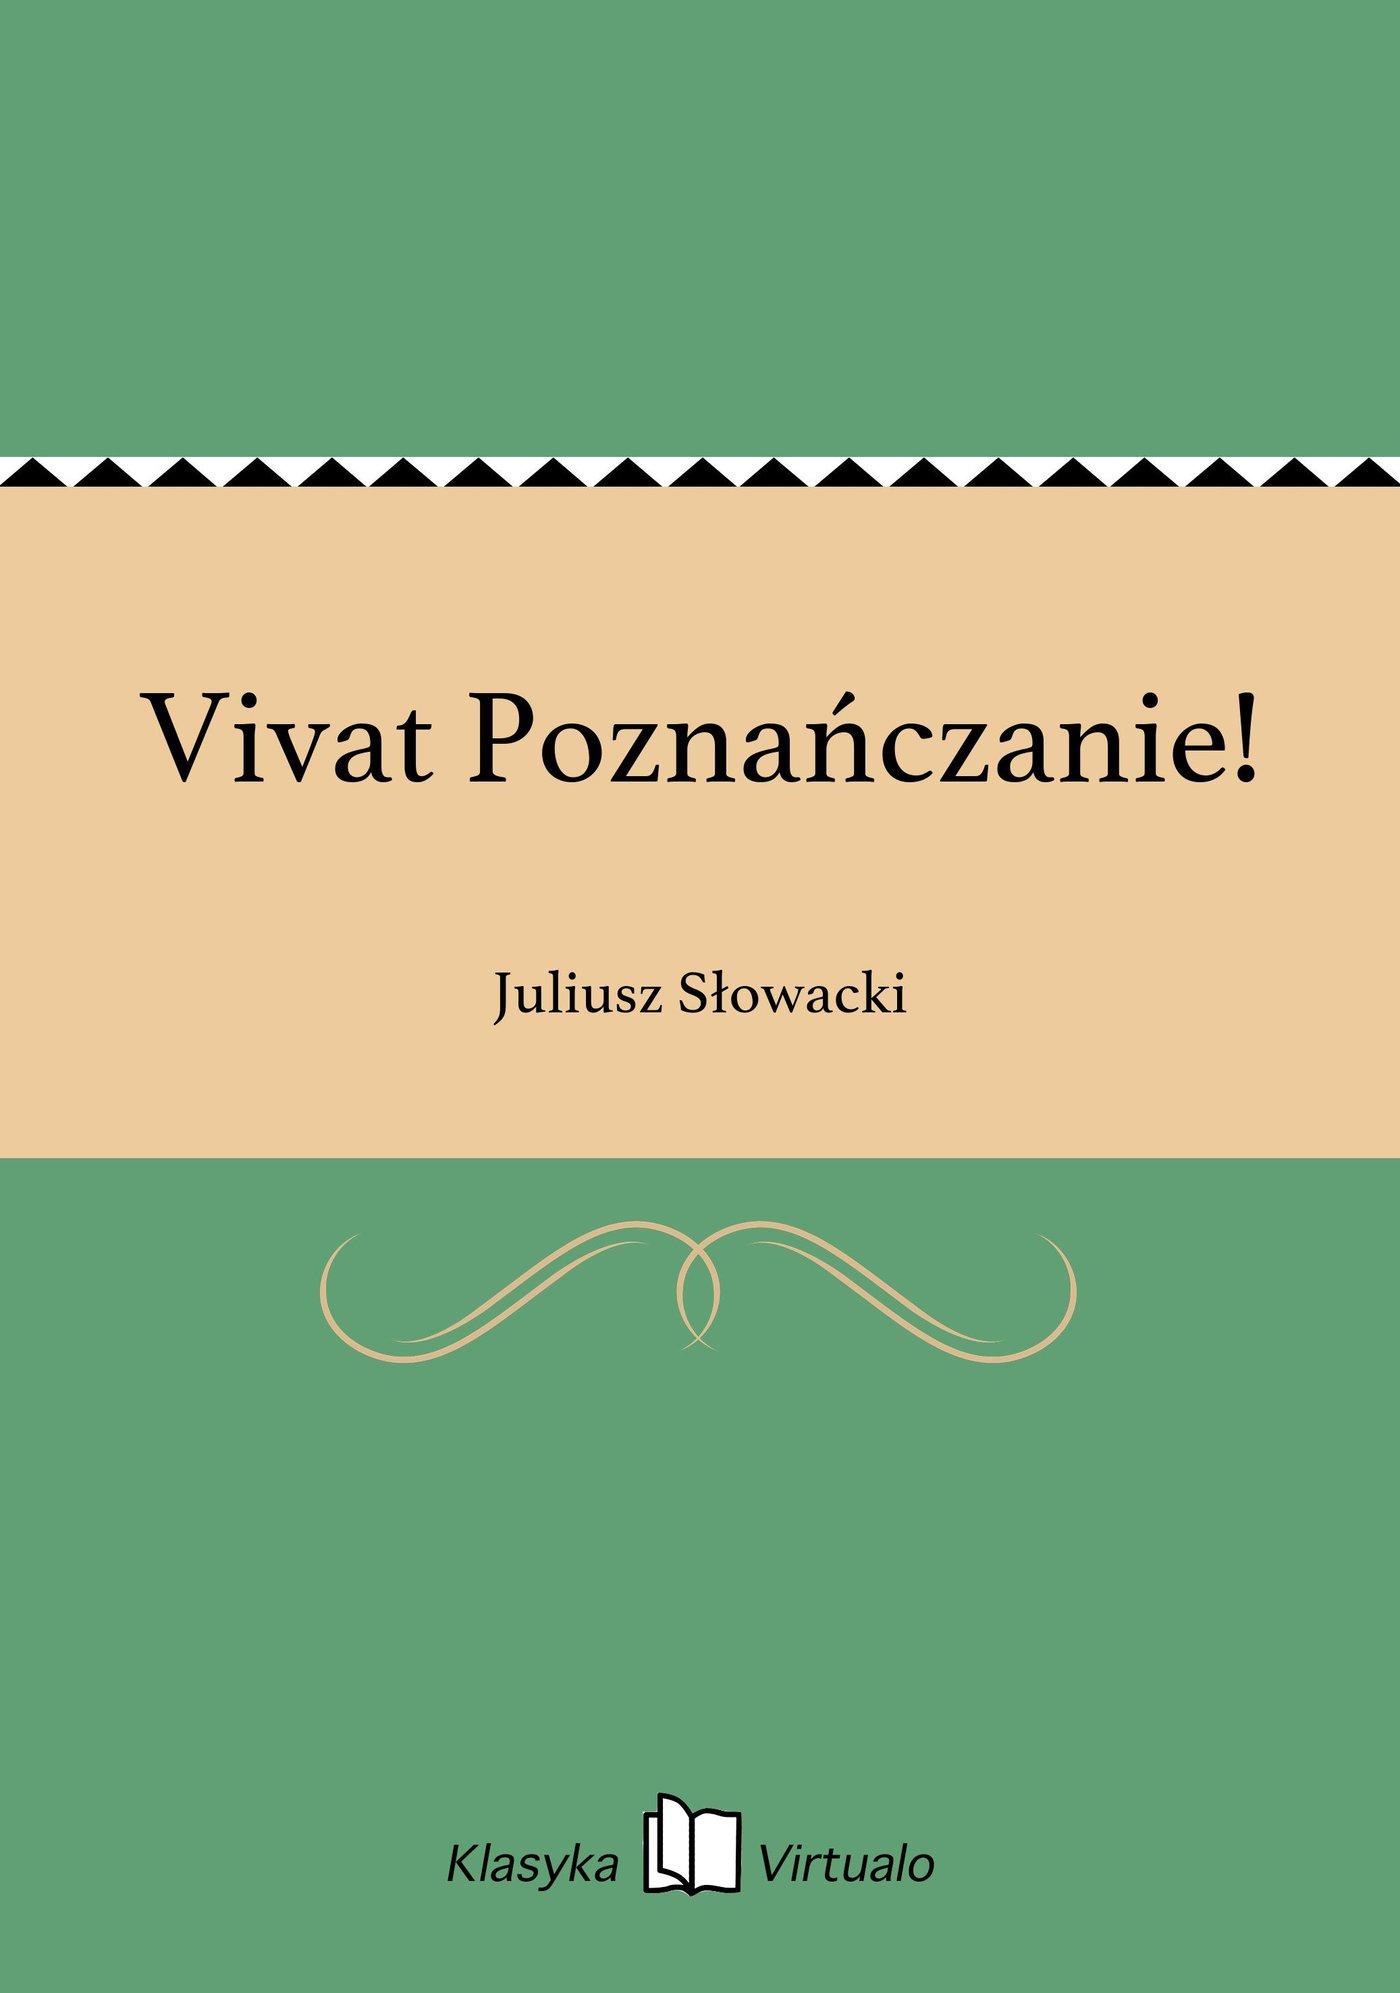 Vivat Poznańczanie! - Ebook (Książka EPUB) do pobrania w formacie EPUB